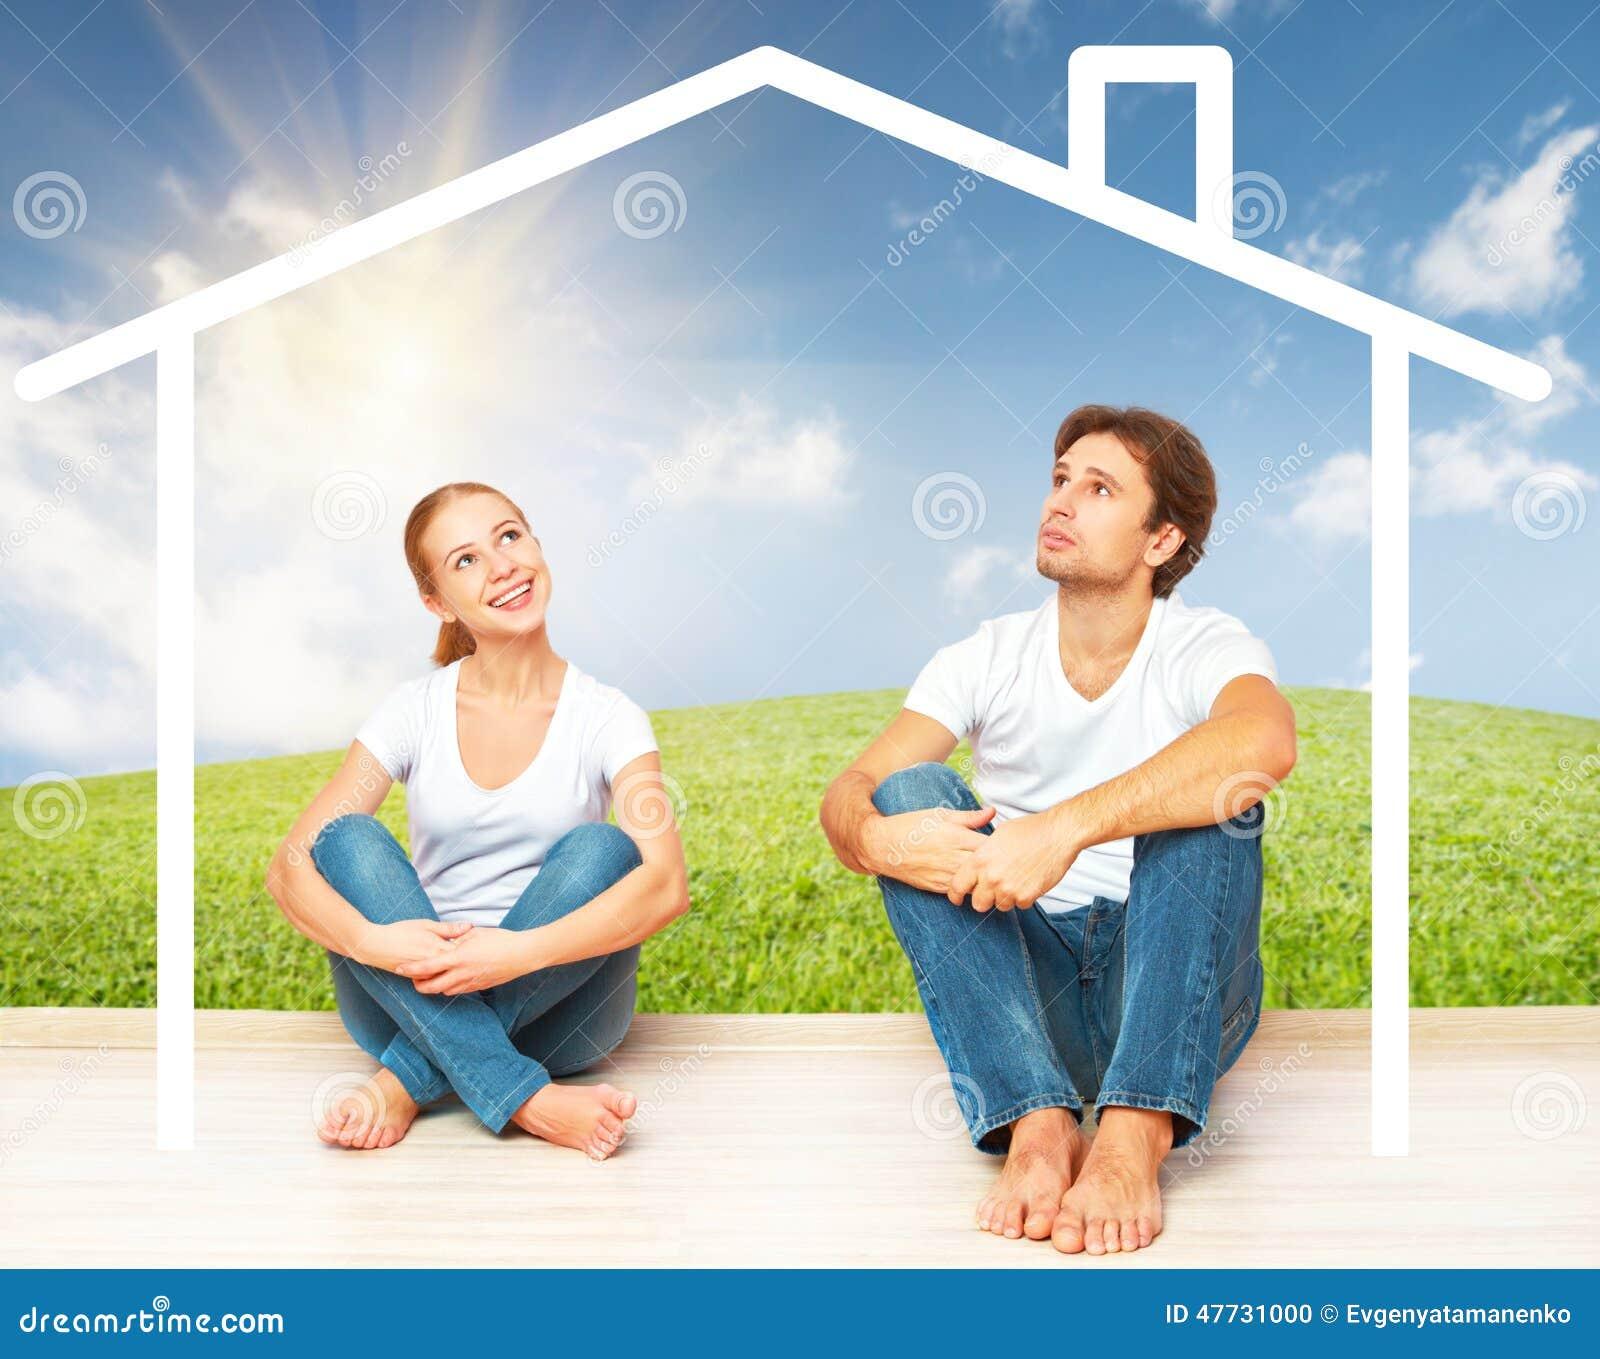 Concetto alloggio ed ipoteca per le giovani famiglie for Aprire piani casa concetto